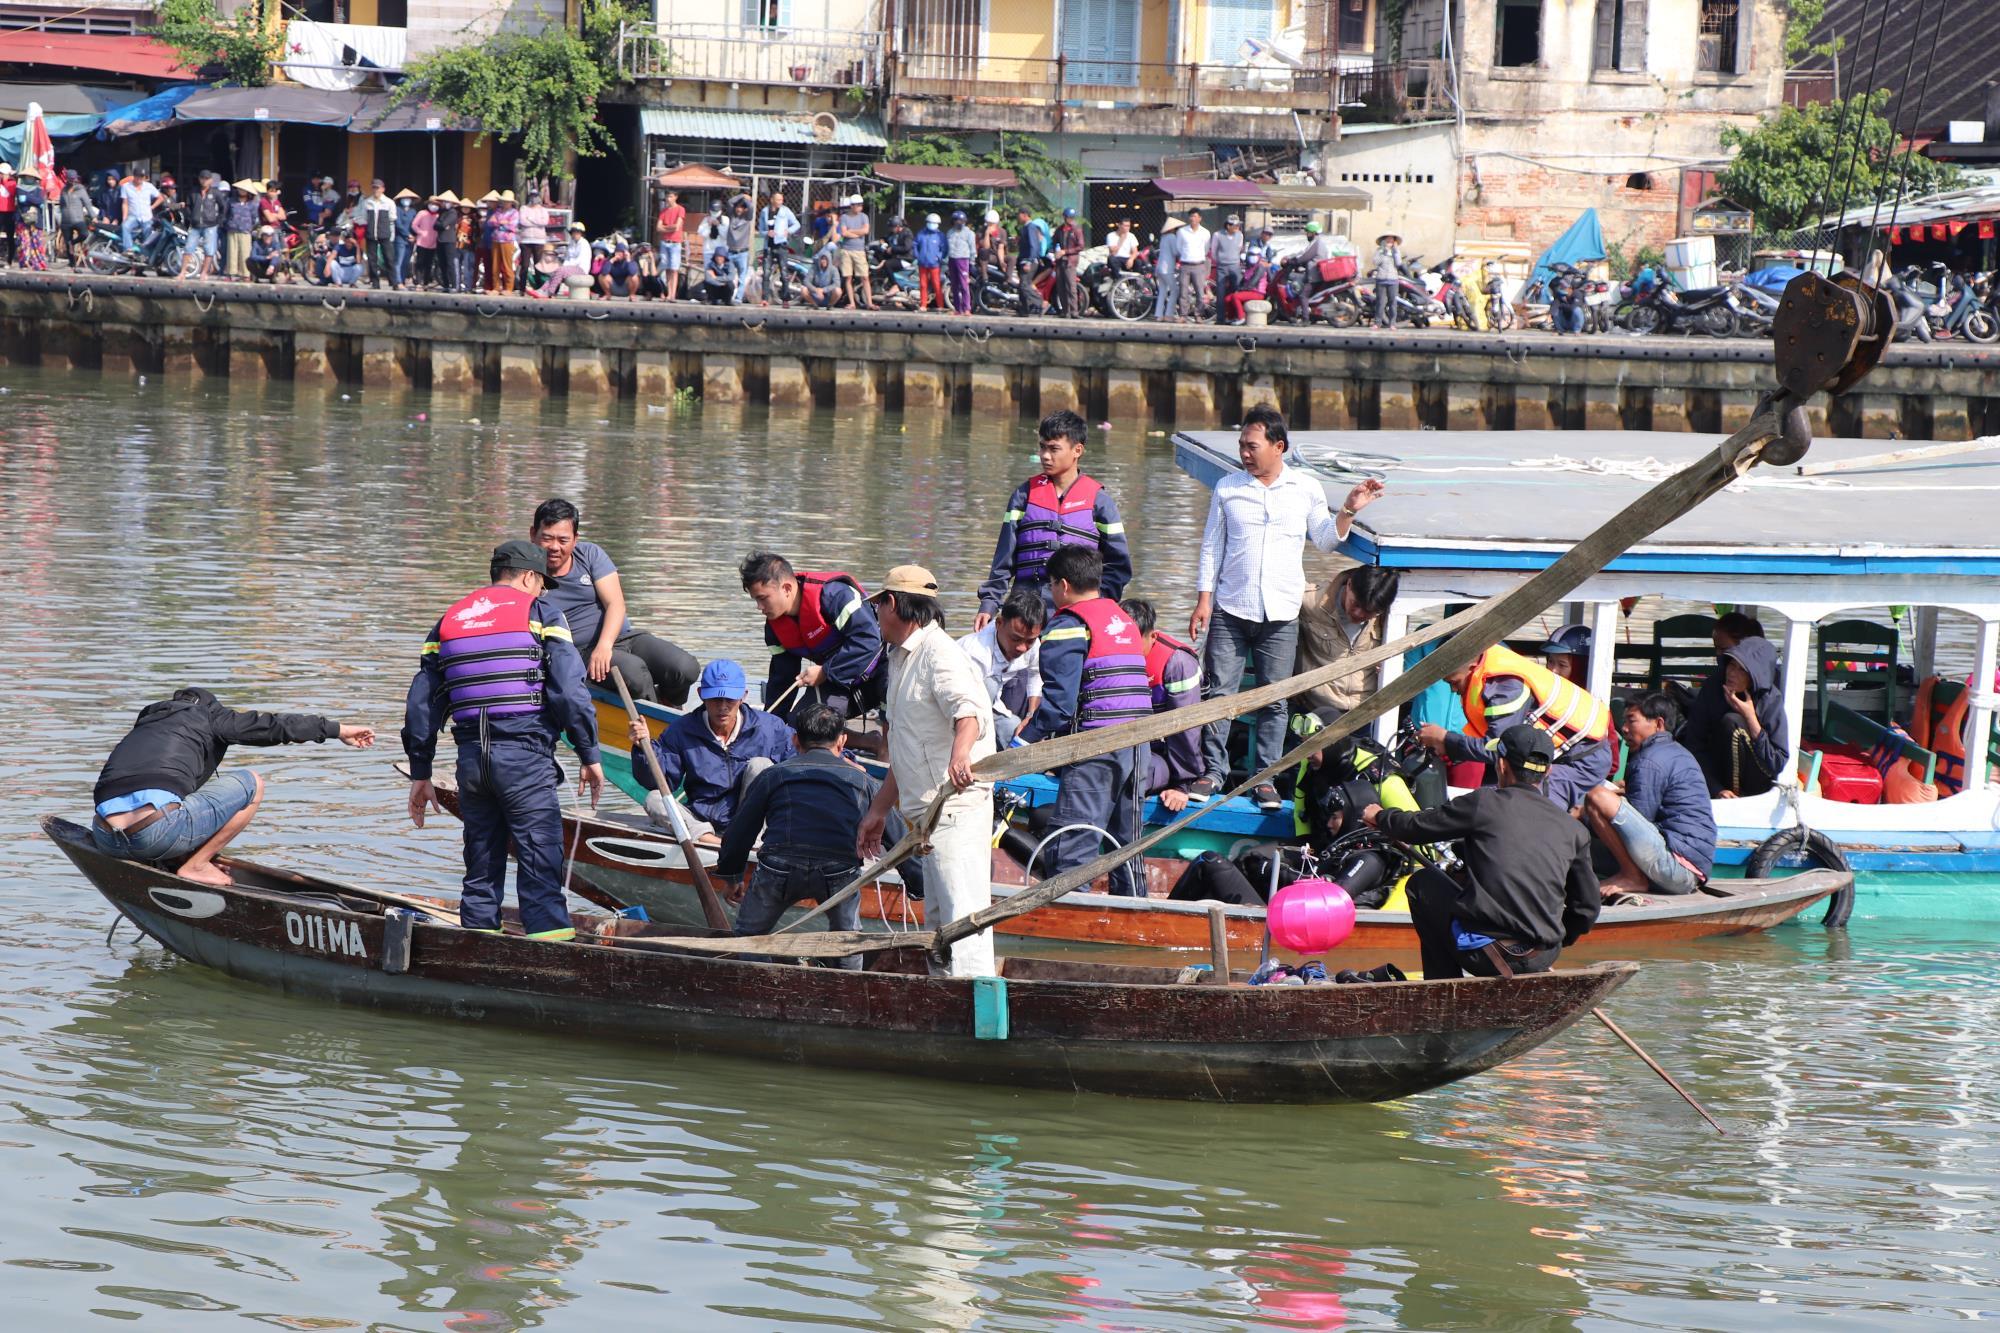 Vụ ô tô lao xuống sông Hoài làm 3 người chết: Đôi vợ chồng cãi vã trước thời khắc đau lòng - Ảnh 1